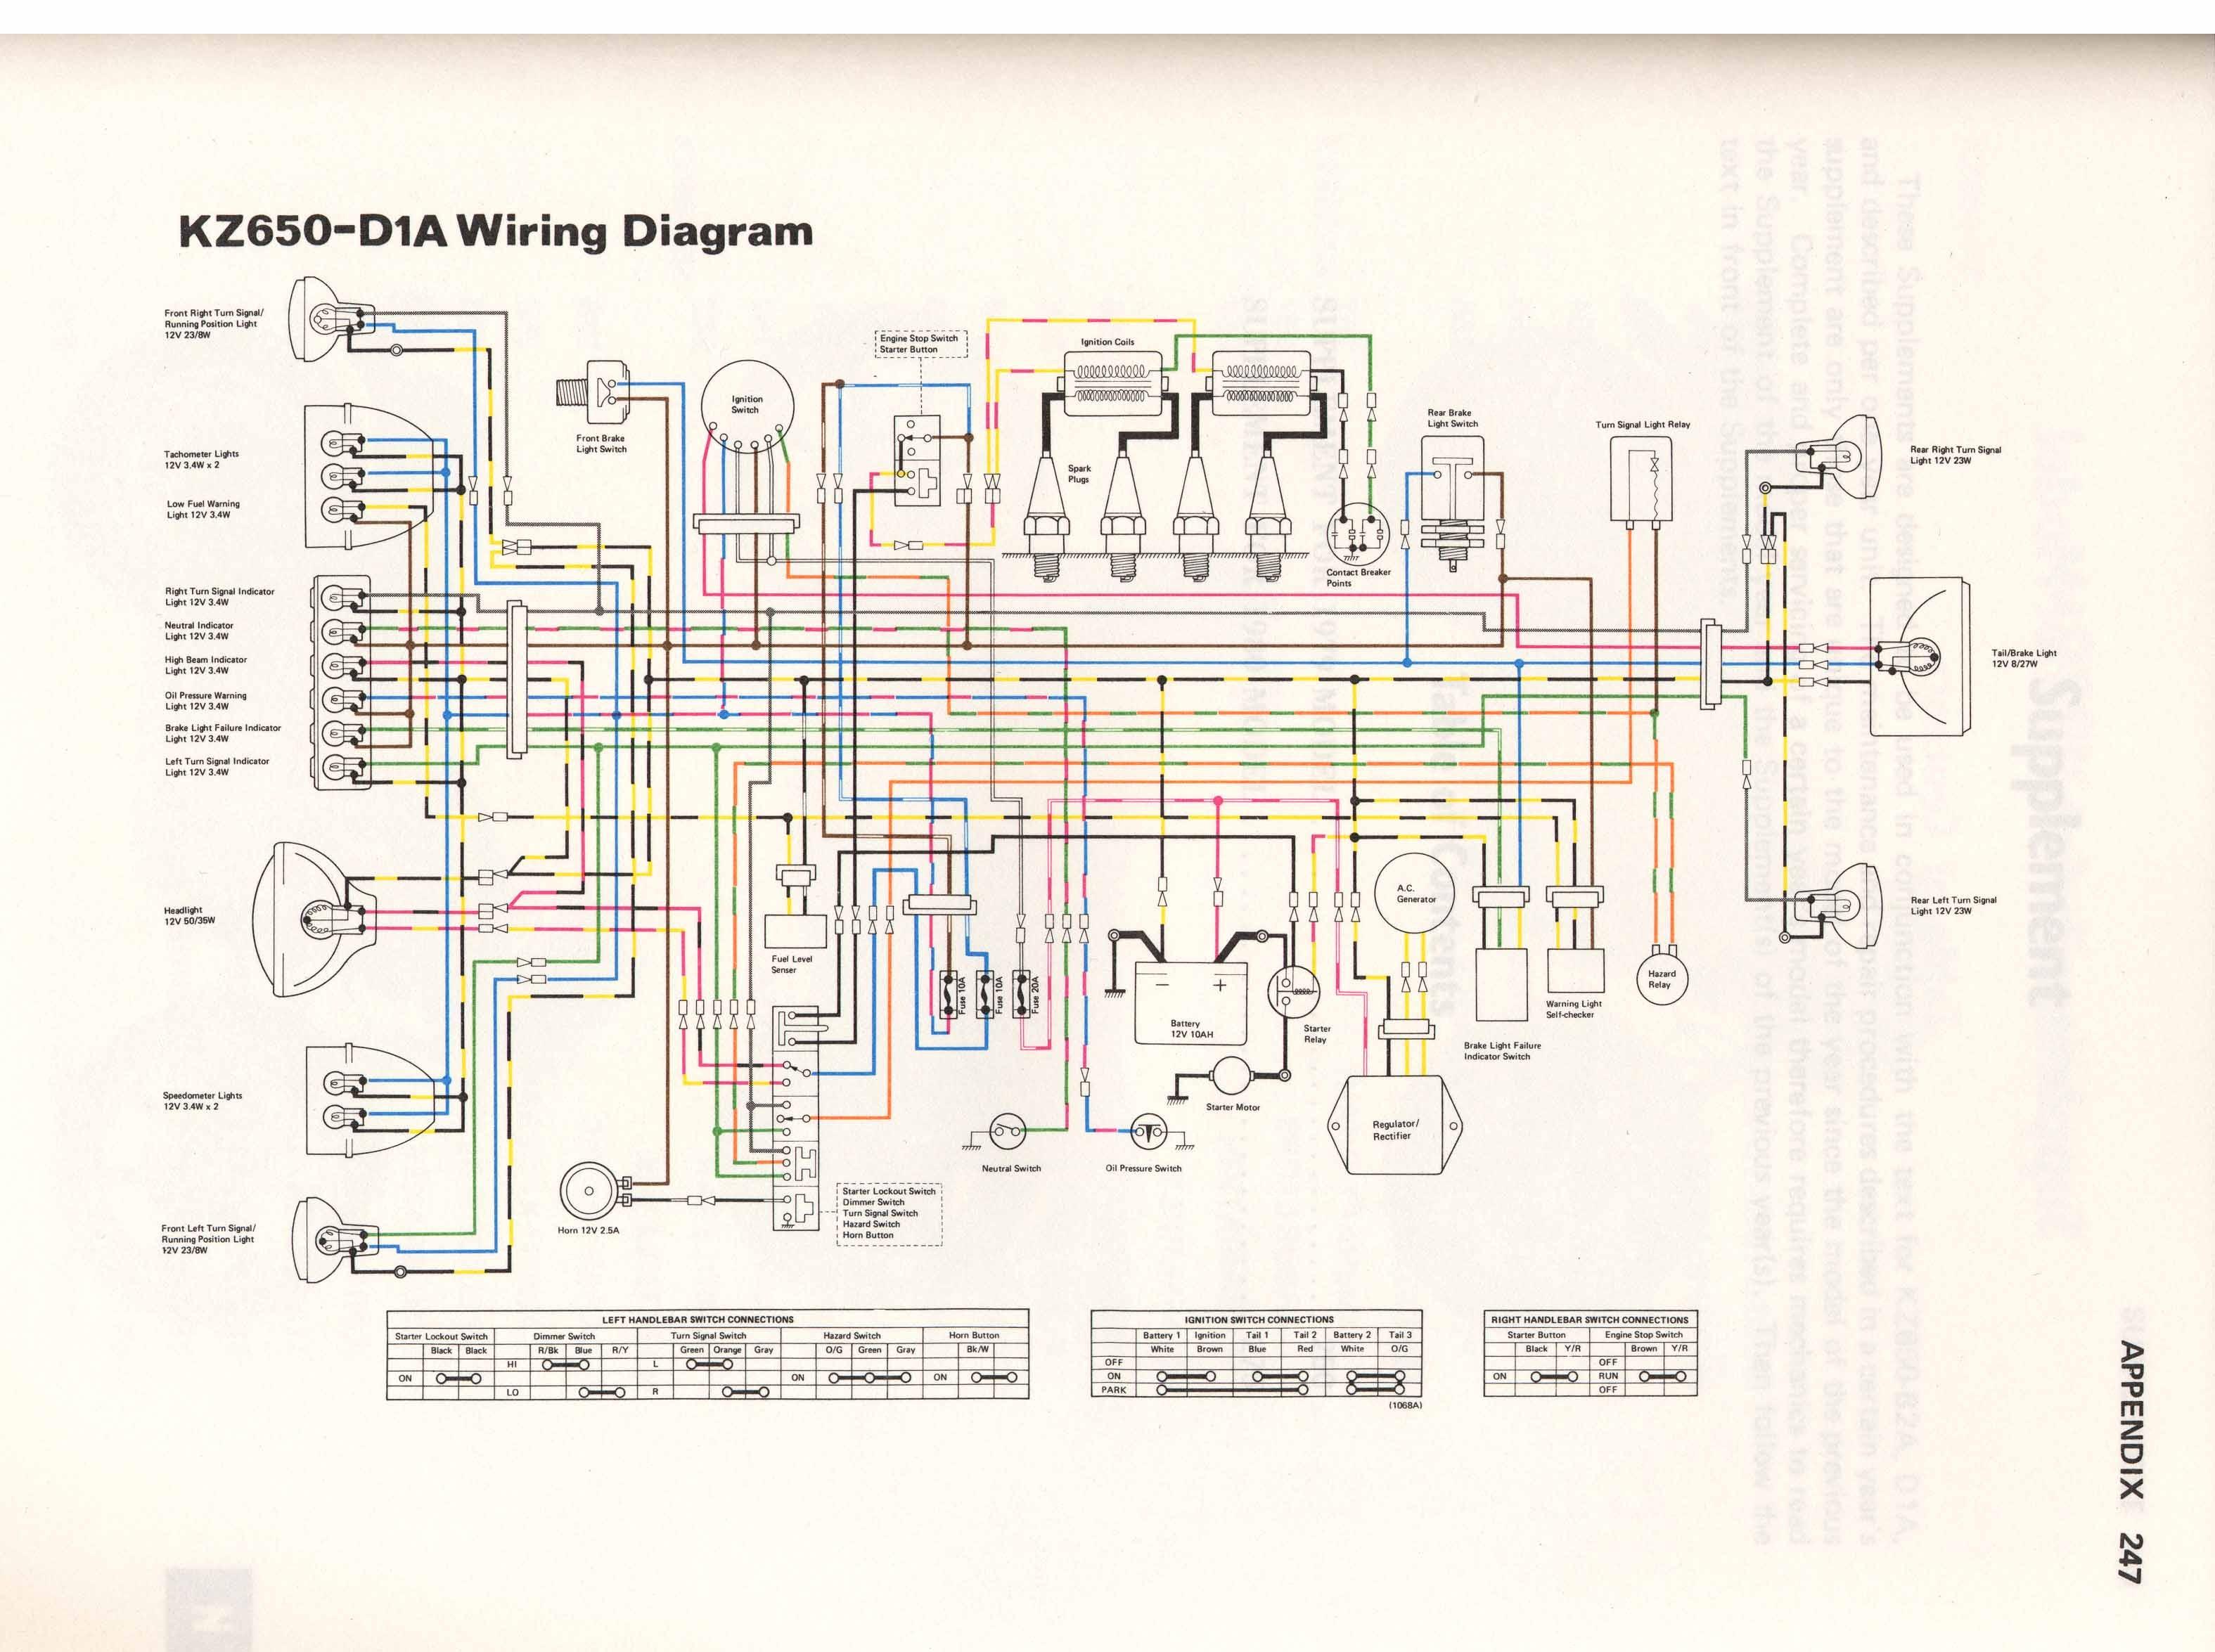 kawasaki wiring schematics 1982 kawasaki wiring diagrams 200 wiring diagram data  1982 kawasaki wiring diagrams 200